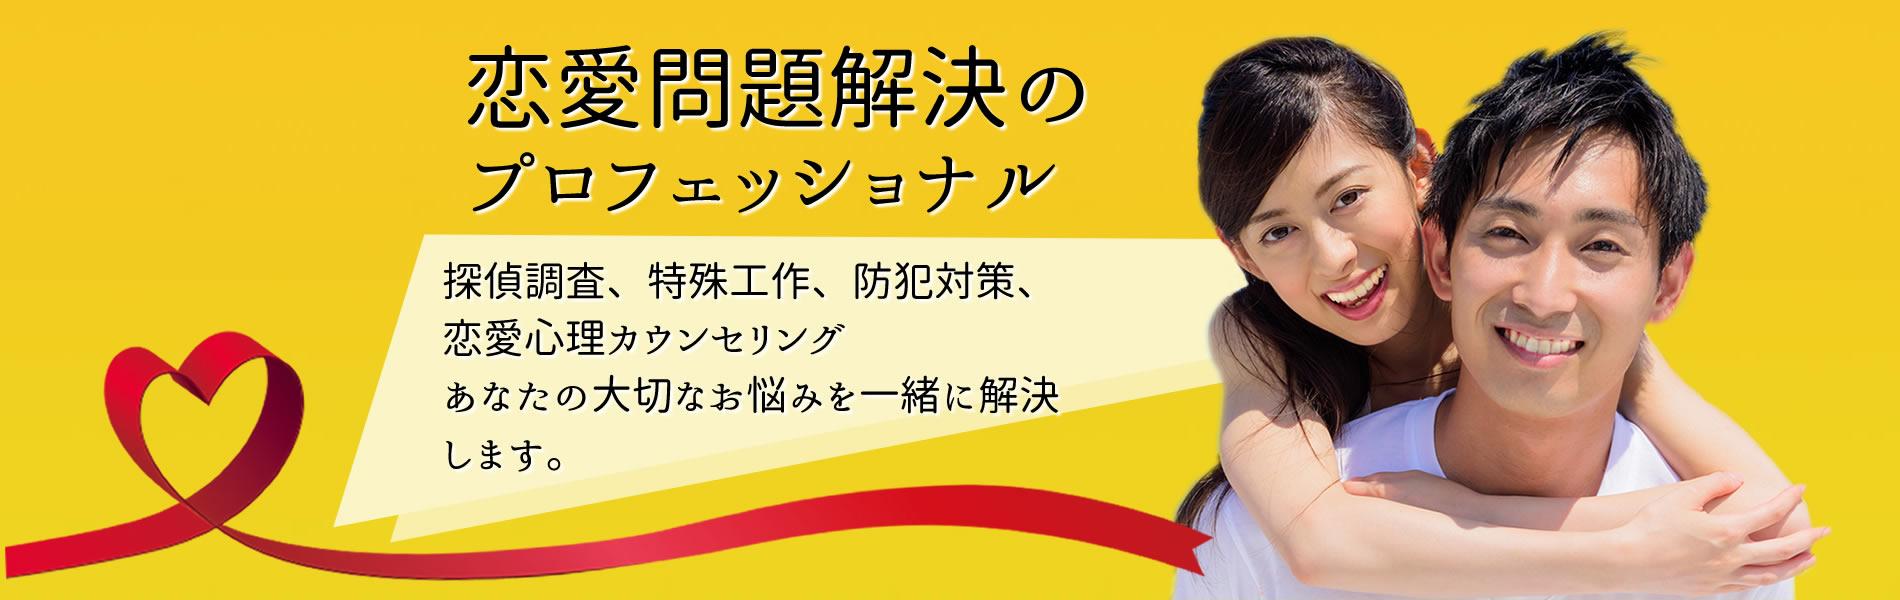 別れさせ屋 浮気調査 大阪の総合探偵社リクエスト